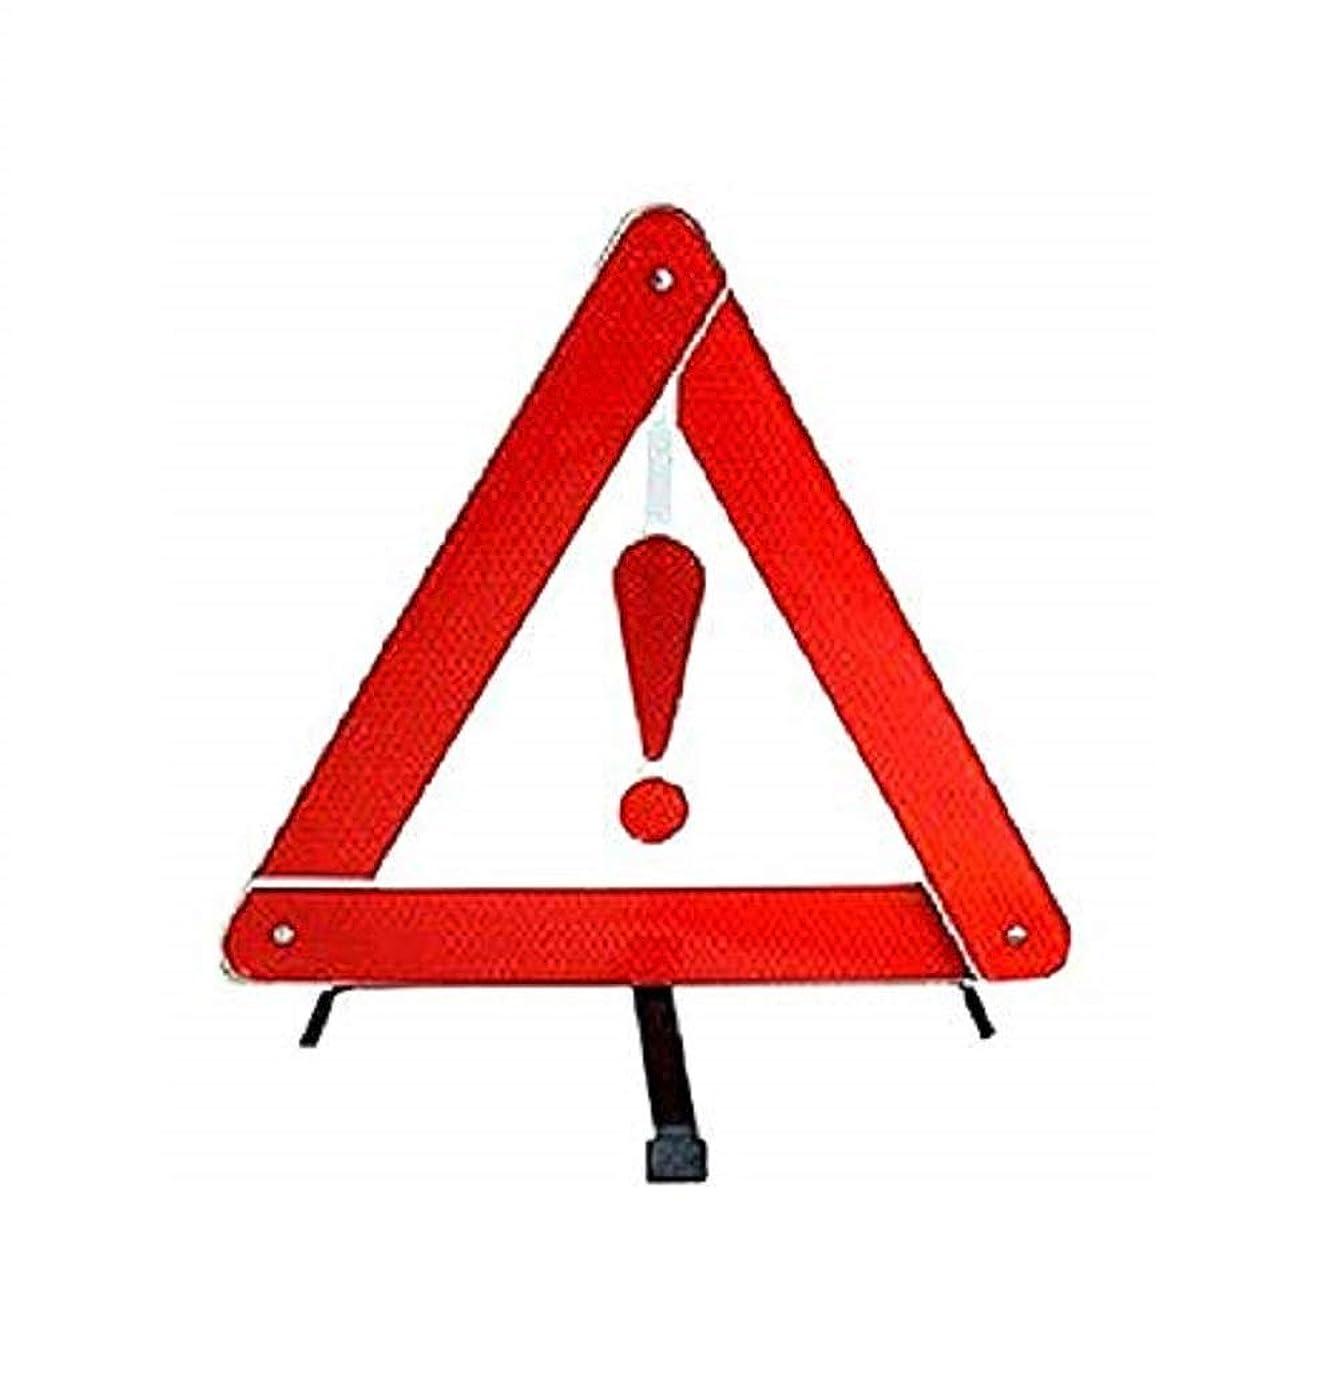 列挙するクルーズコンパスリタプロショップ? 車用 警告反射板セキュリティ 二次災害 三角表示 カー用品 緊急 反射板 組立 収納BOX付き